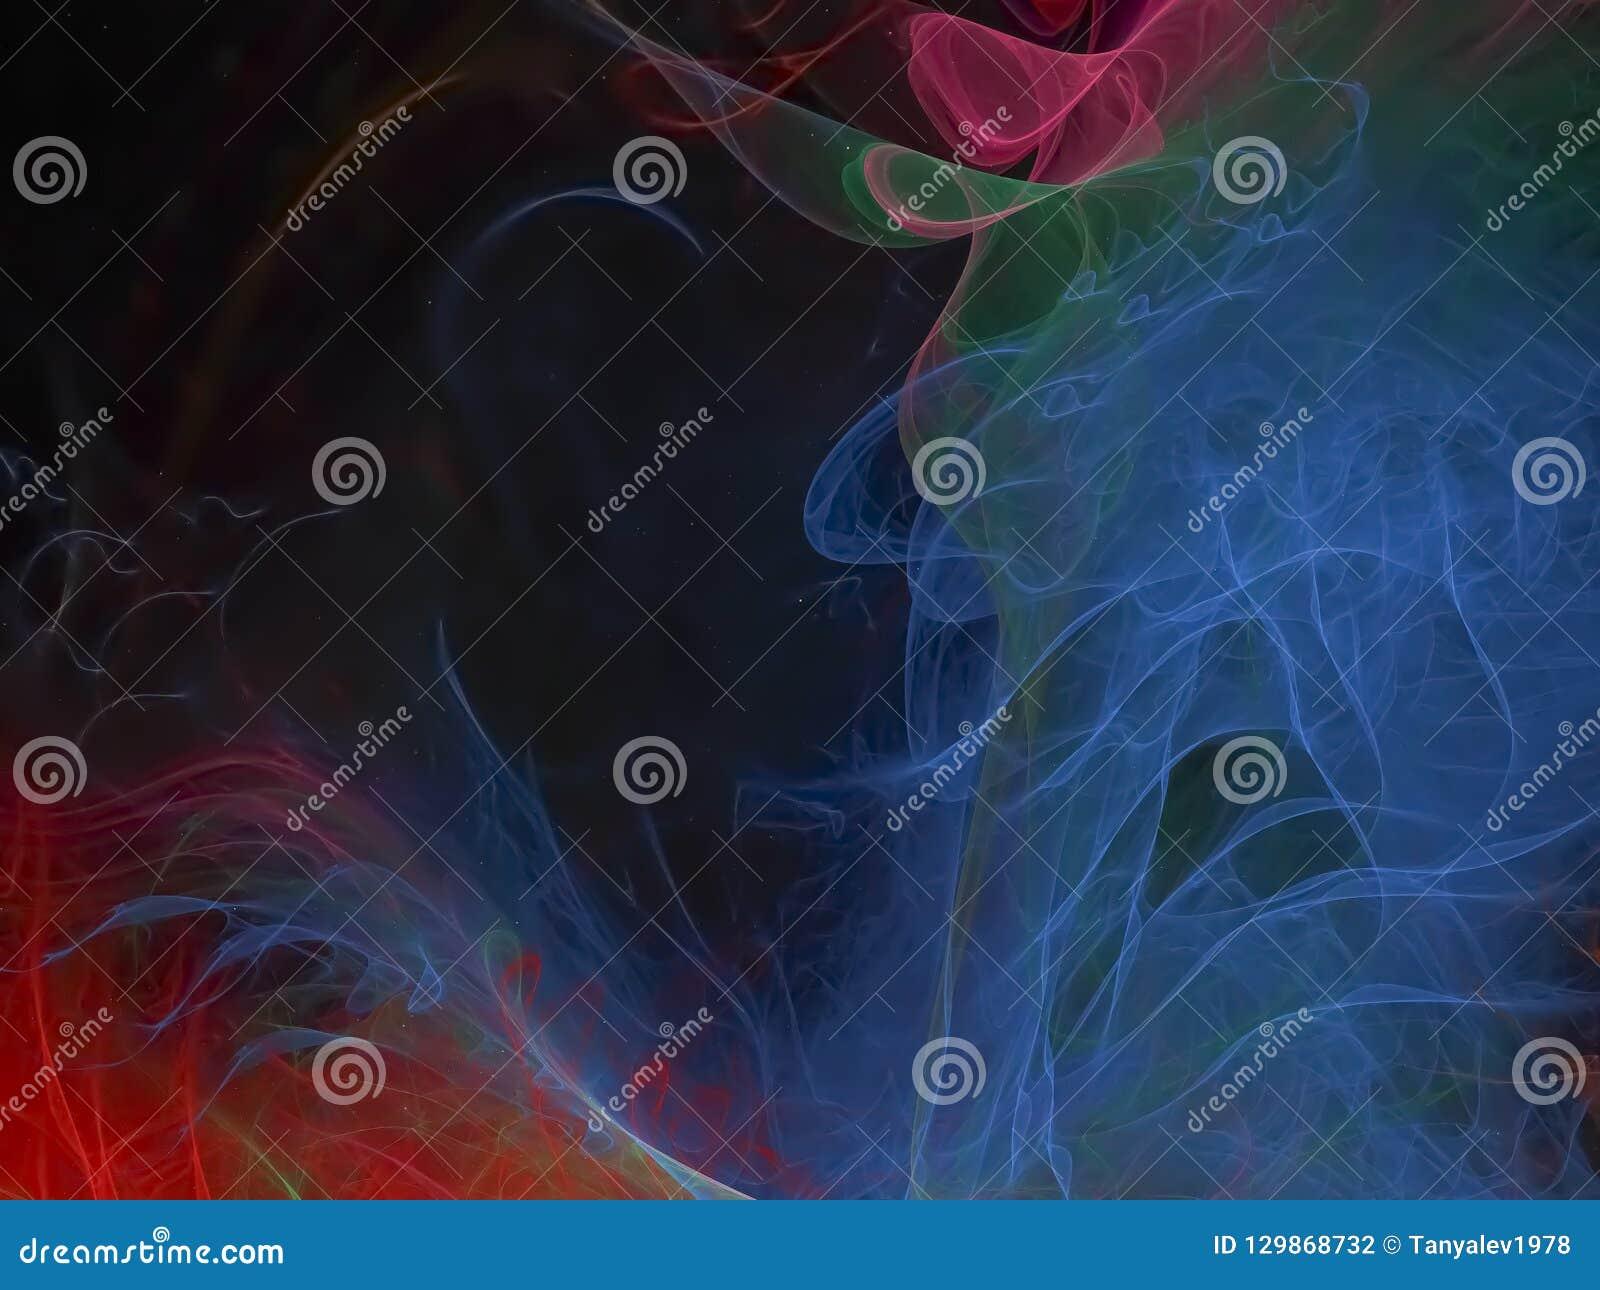 Abstracte digitale fractal, behandelt kleurrijk stijlmalplaatje, magisch creatief ontwerp, futuristische mooie gloed